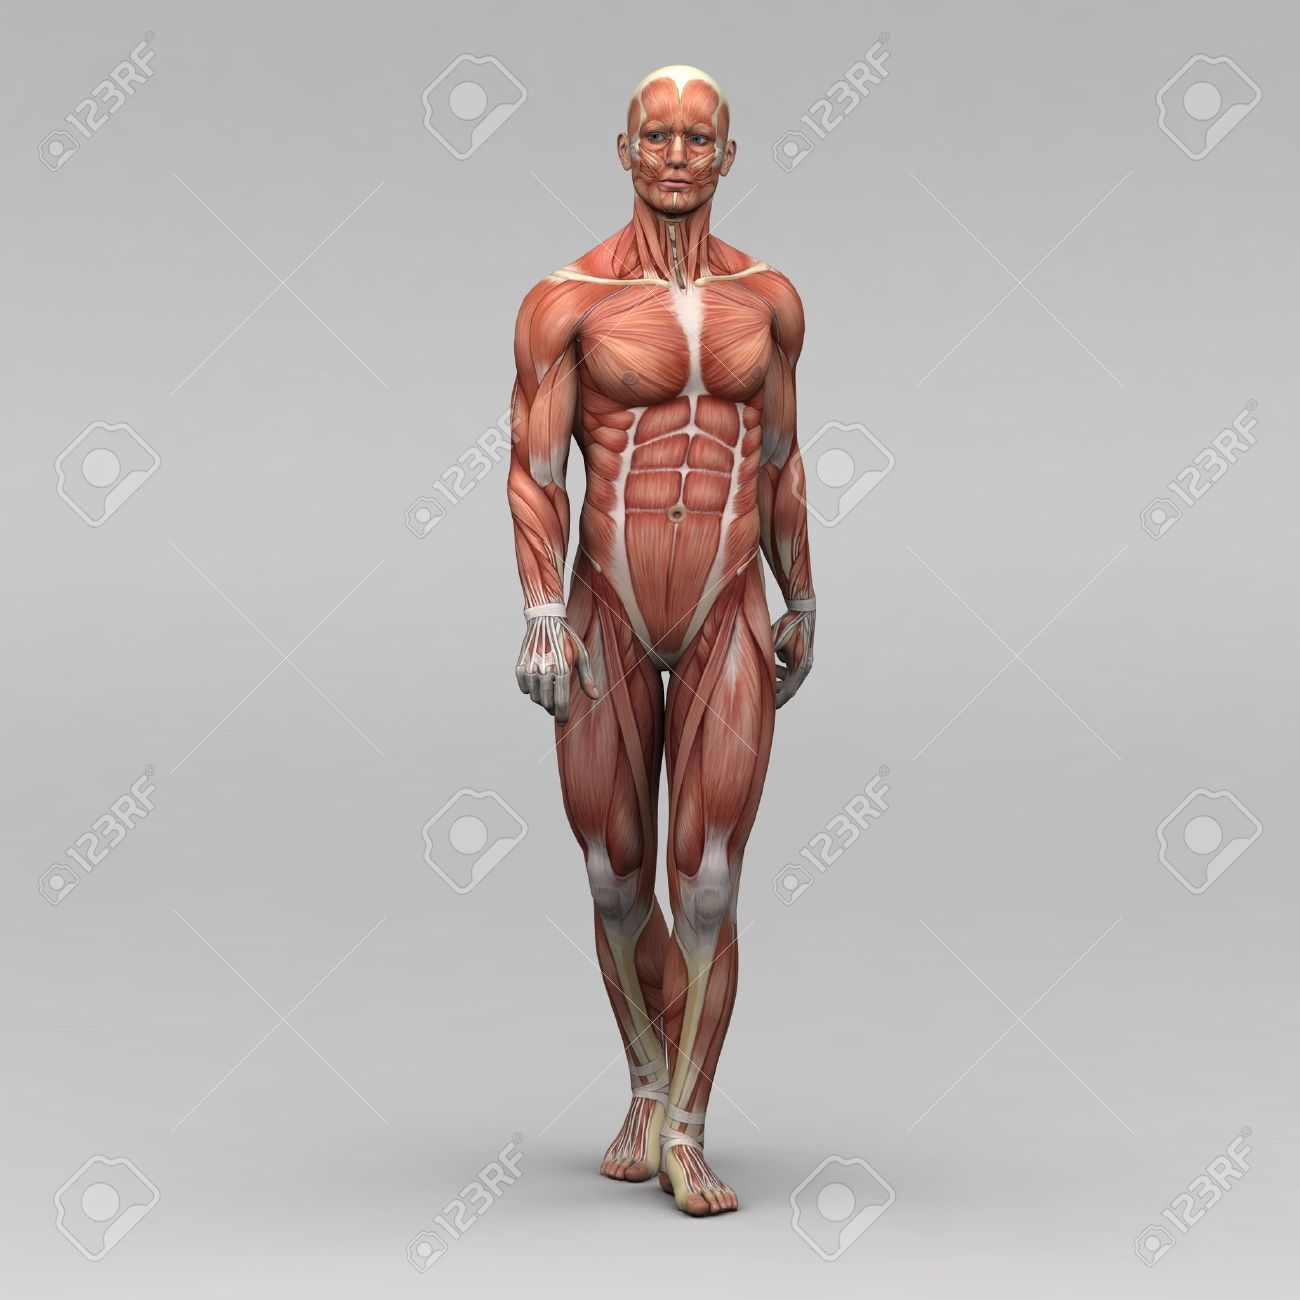 Athletisch Männlichen Menschlichen Anatomie Und Muskeln Lizenzfreie ...